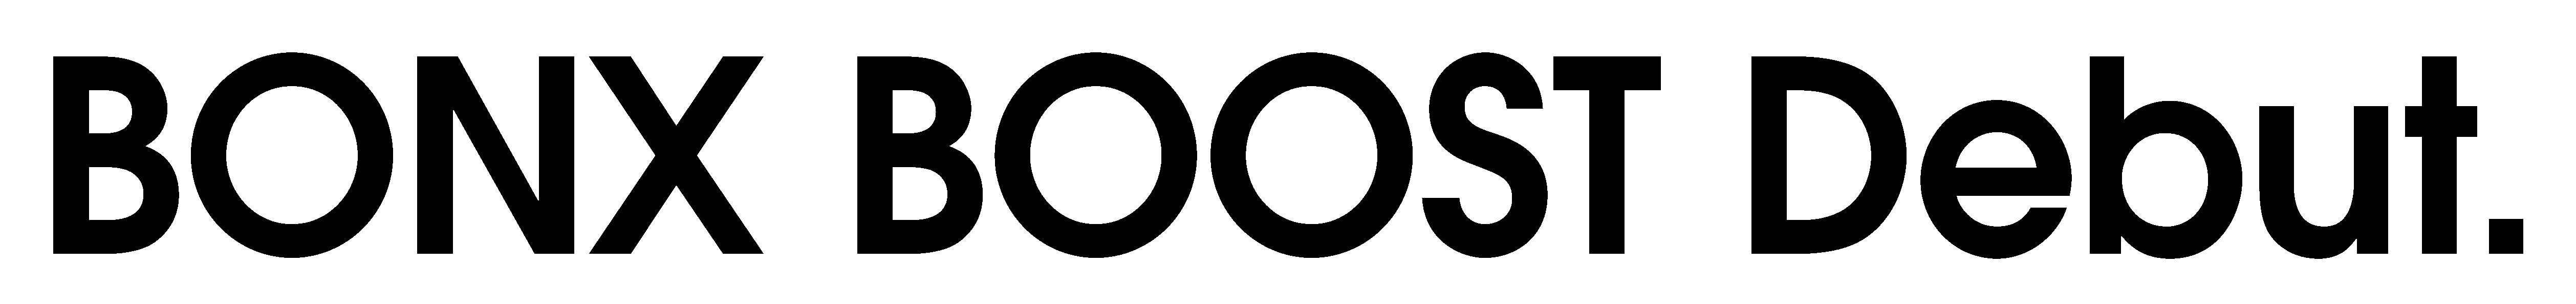 BONX BOOST Debut.